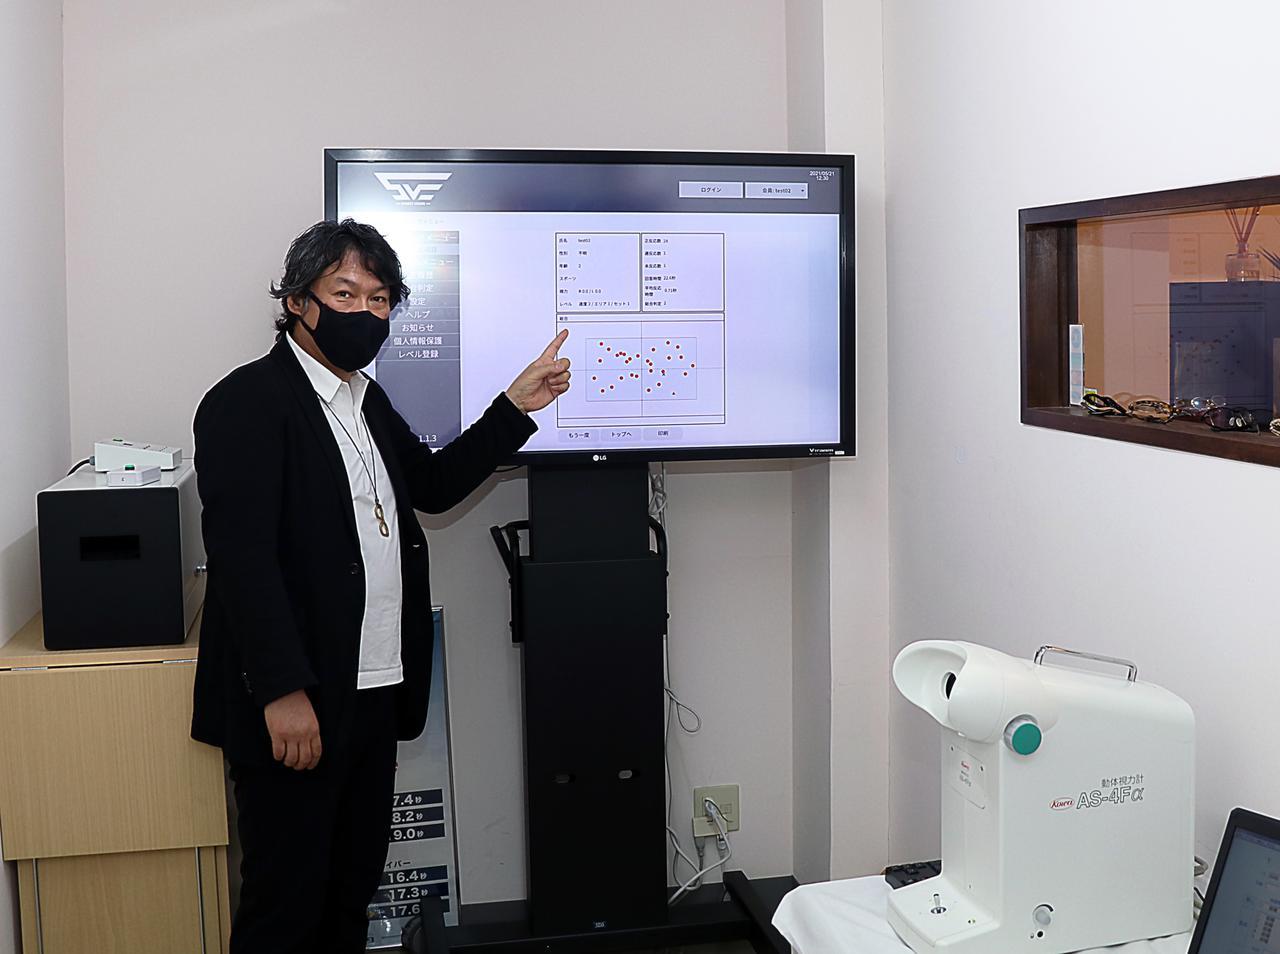 画像: スポーツビジョン(Vトレーニング)では図柄や数字がモニターに表示され、目と手の協応動作や瞬間視記憶などさまざまな項目が測定される